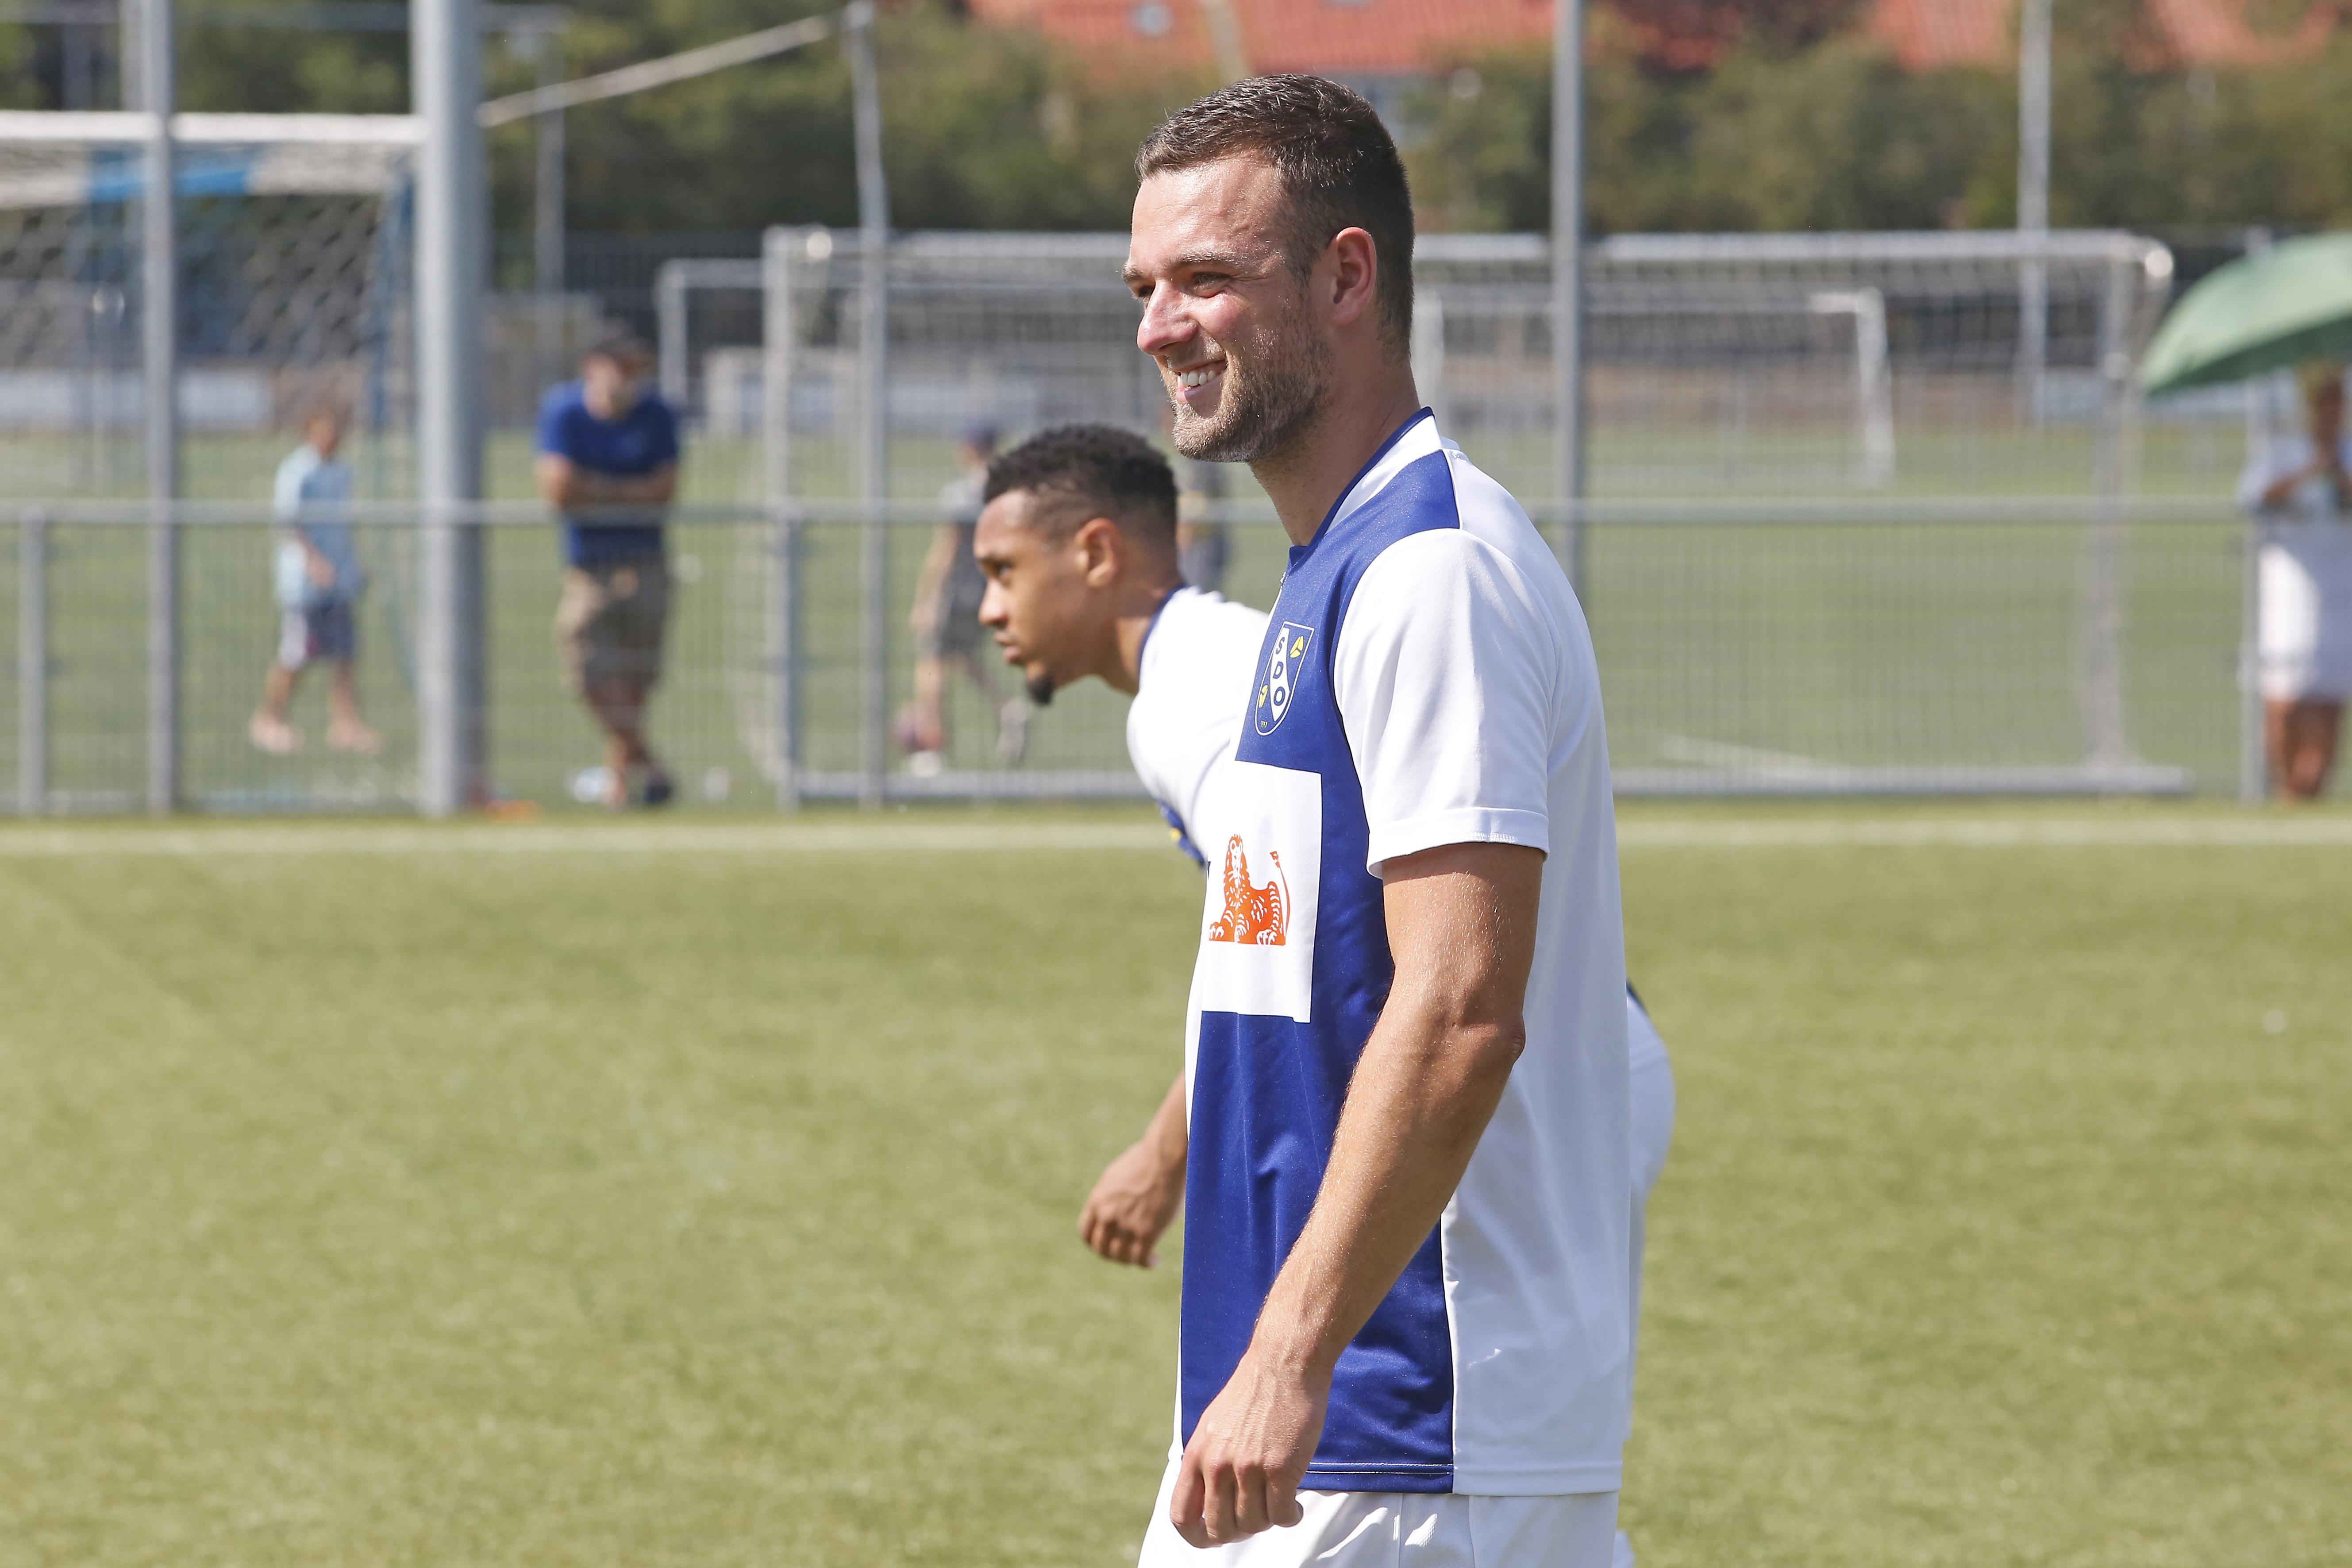 Niels van der Steen merkt dat er bij SDO meer gelachen wordt dan bij Ajax: 'Het draait hier om voetbal, maar niet alleen om voetbal'